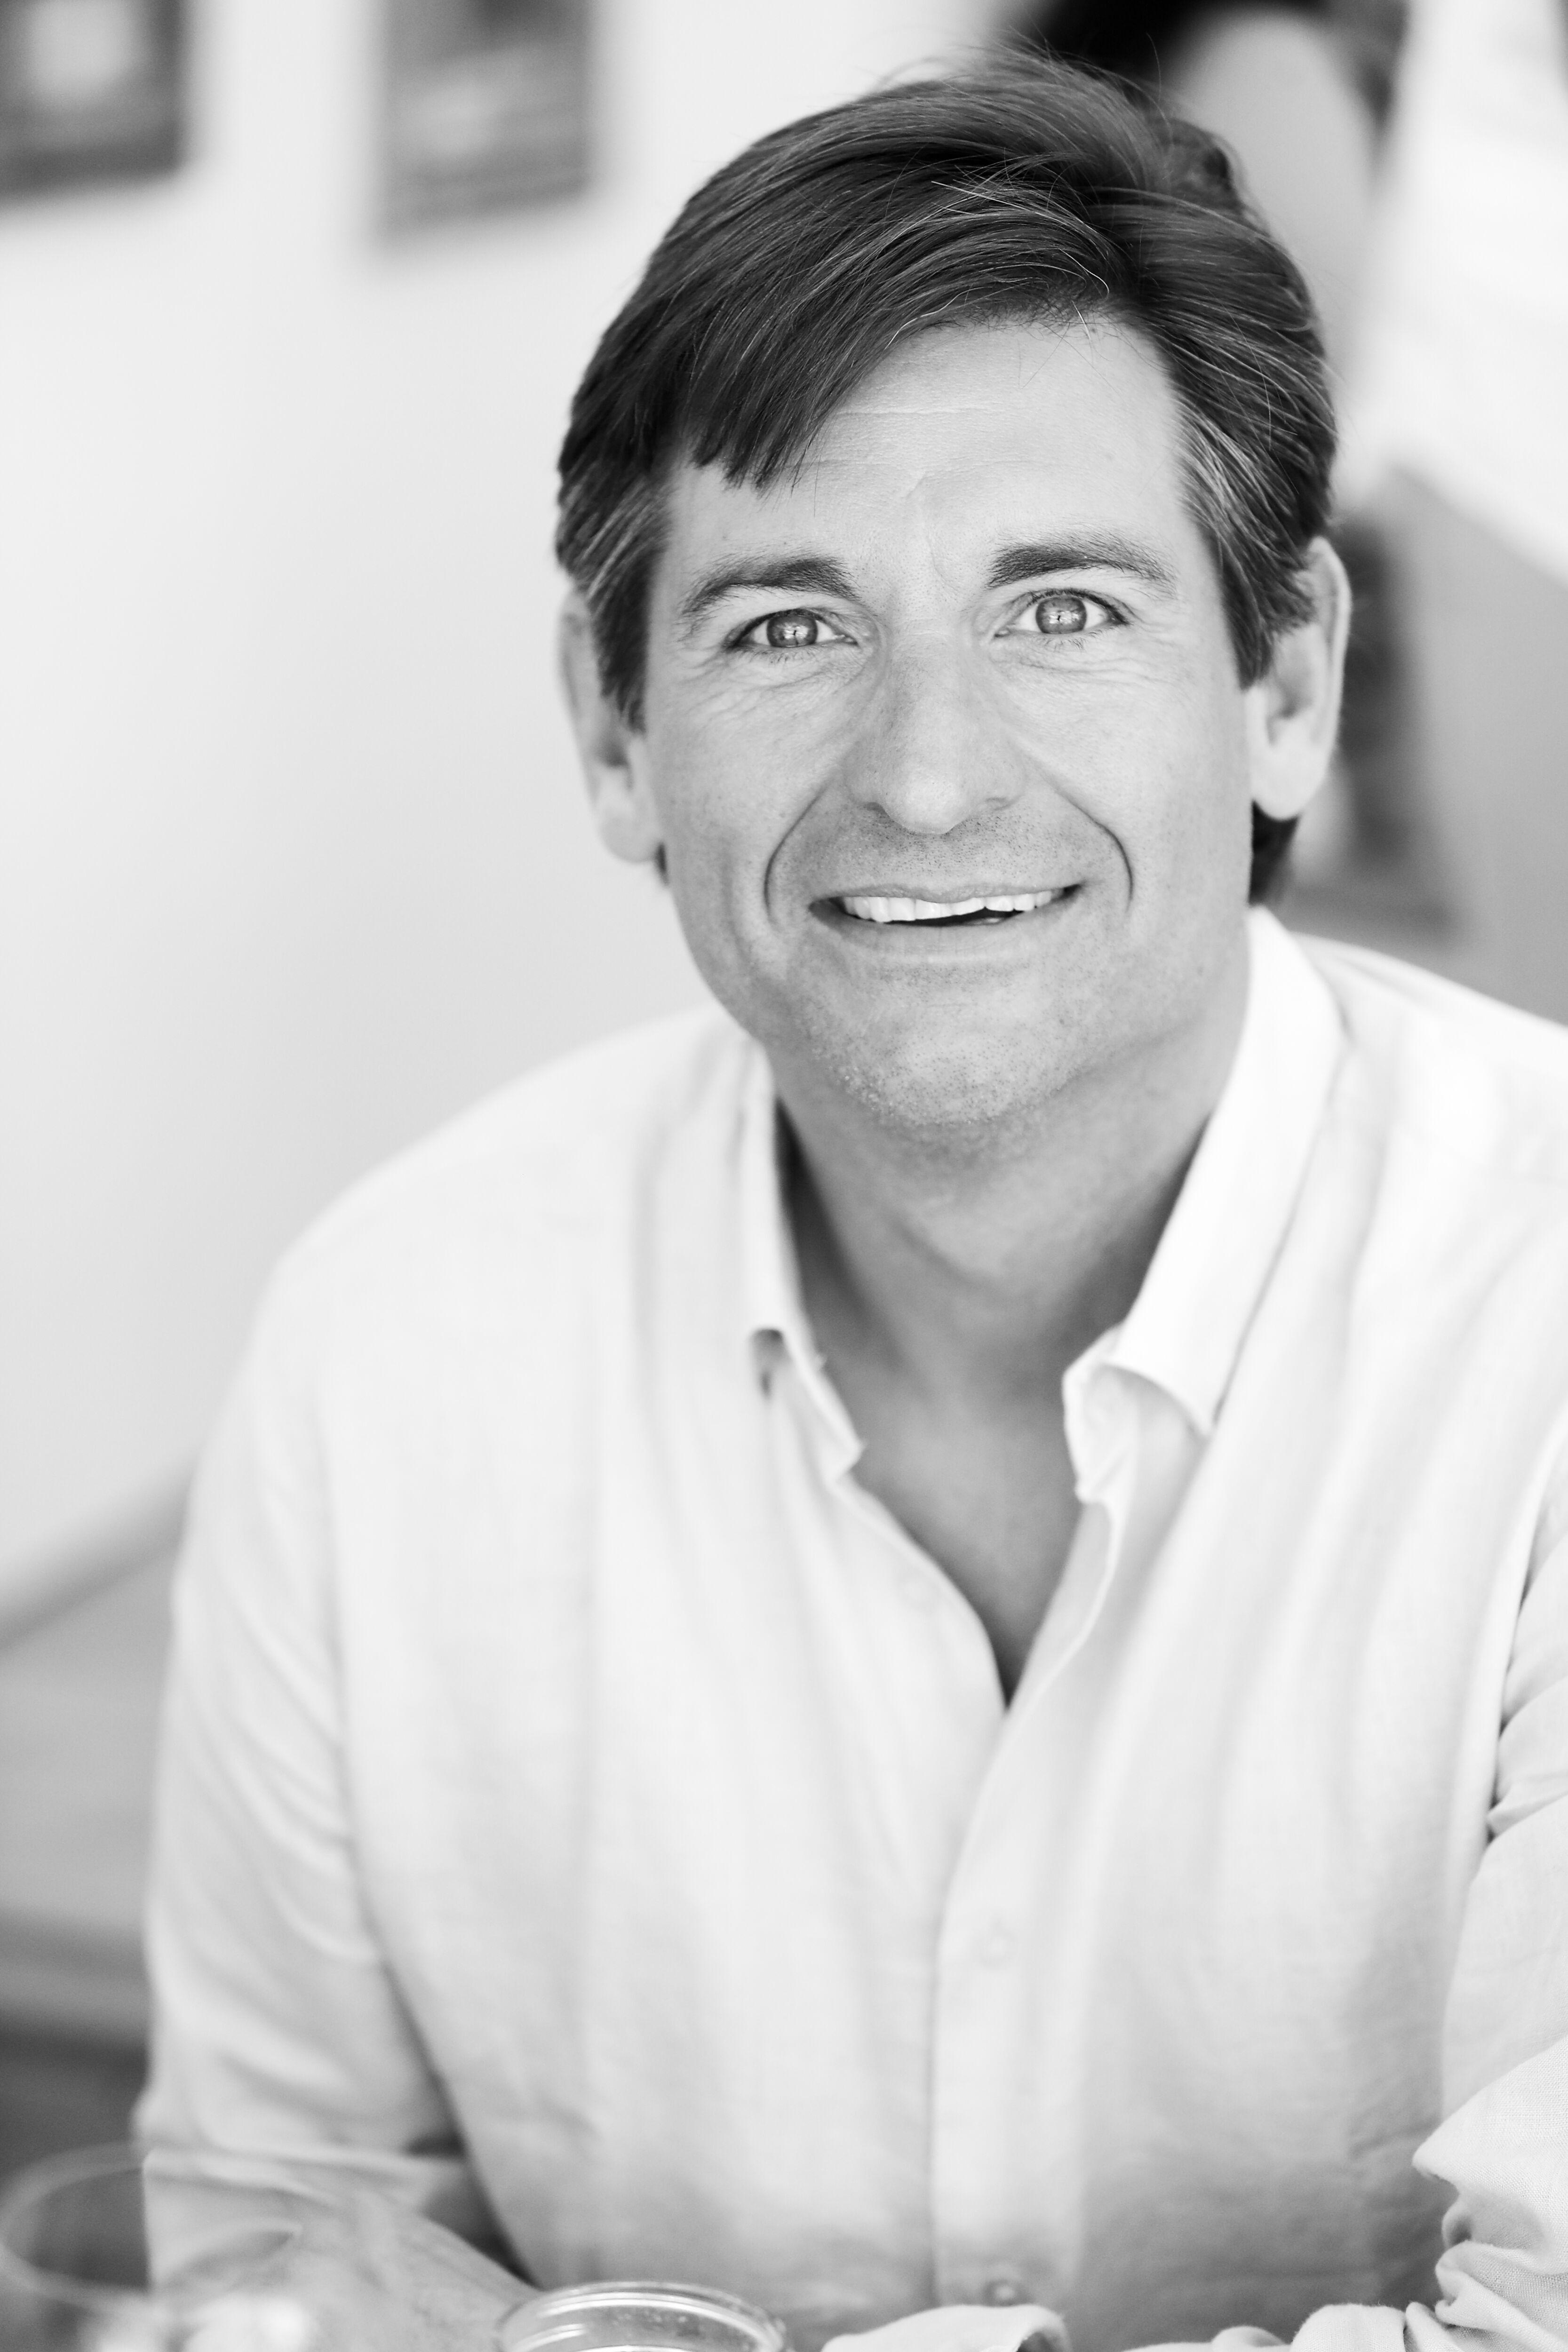 Derek Whisenhunt